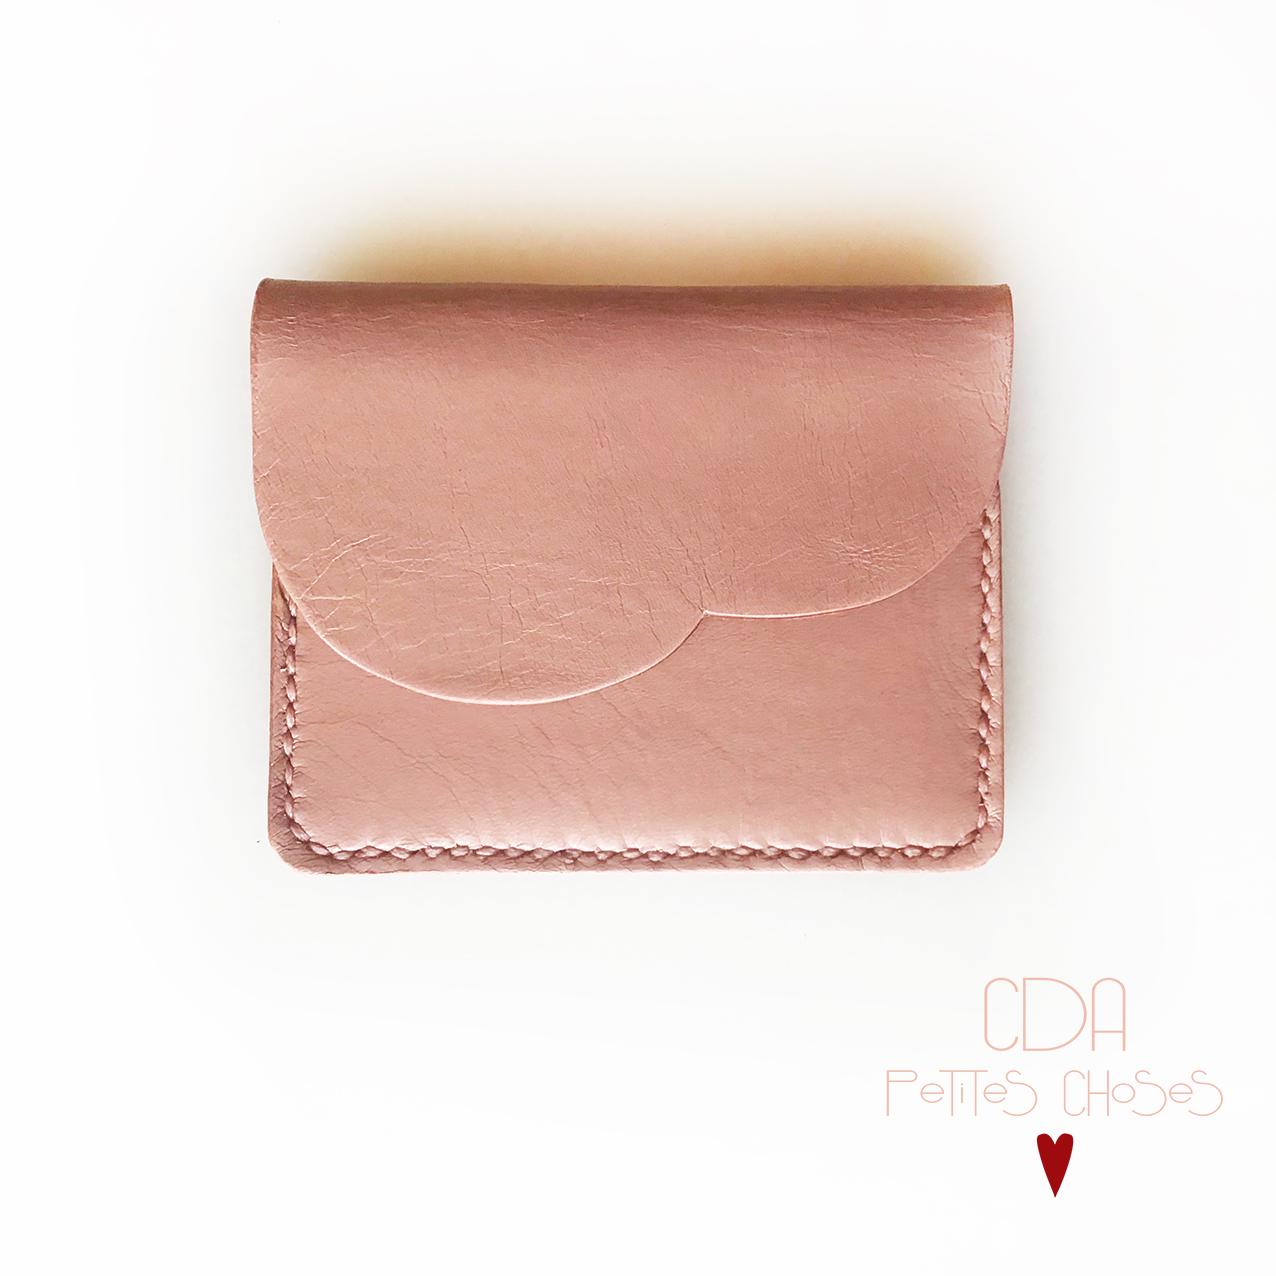 Porte carte à rabat forme nuage en cuir vieux rose CDA Petites Choses